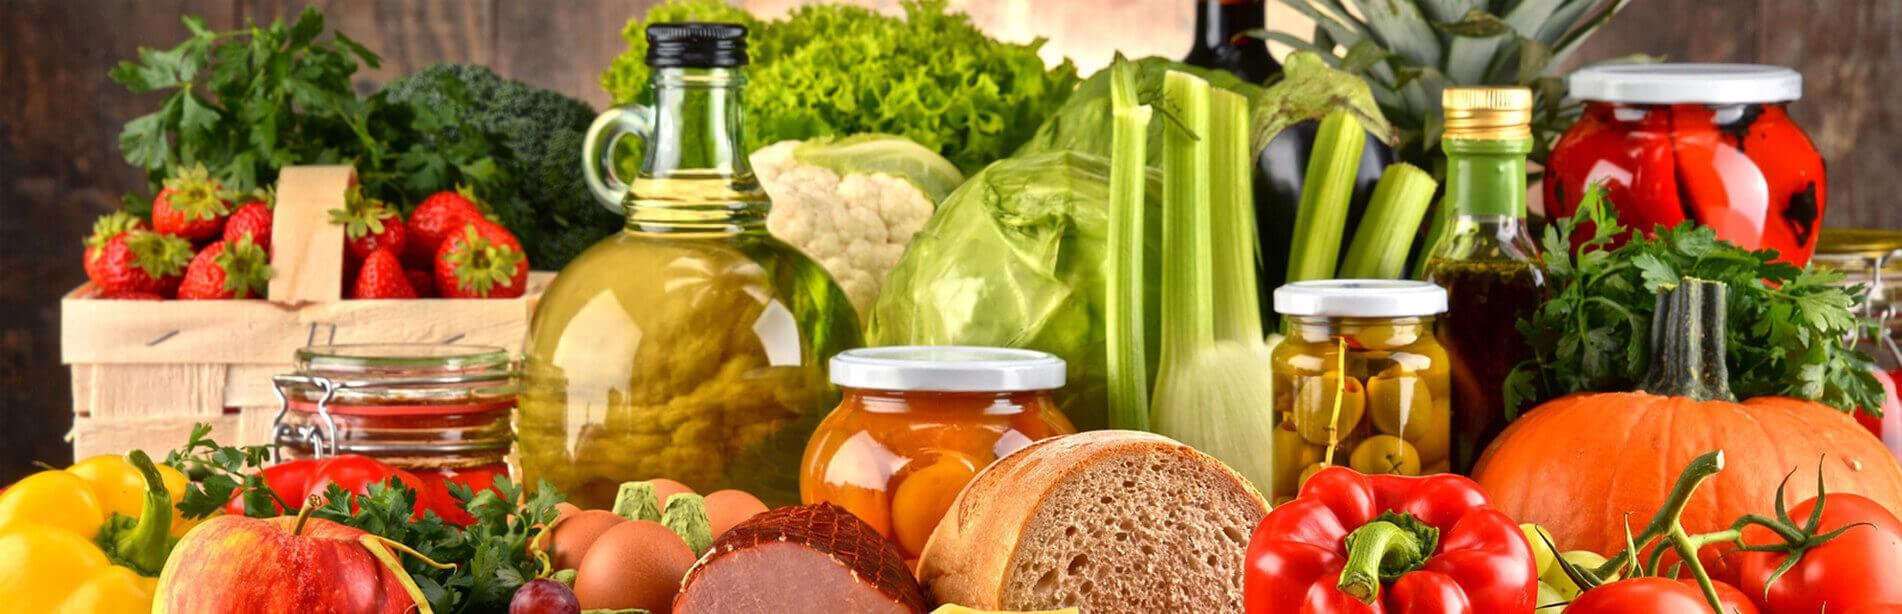 Chất bảo quản thực phẩm là gì